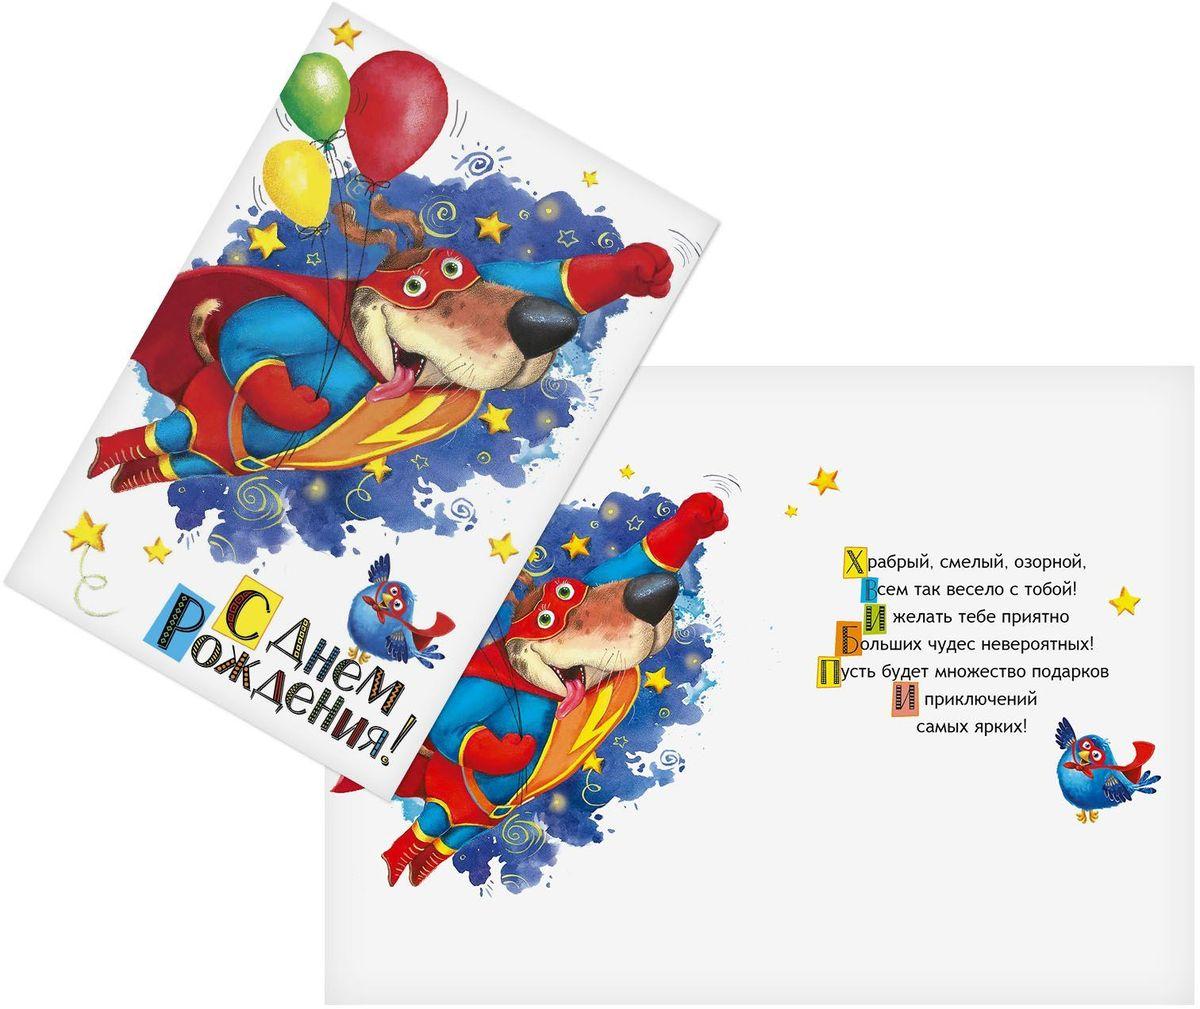 Открытка Дарите cчастье Пес - супергерой, 12 х 18 см1818899Открытка Дарите счастье Пес - супергерой выполнена из картона с креативным дизайном.Атмосферу праздника создают детали: свечи, цветы, бокалы, воздушные шары и поздравительные открытки — яркие и веселые, романтичные и нежные, милые и трогательные. Расскажите о своих чувствах дорогому для вас человеку, поделитесь радостью с близкими и друзьями.